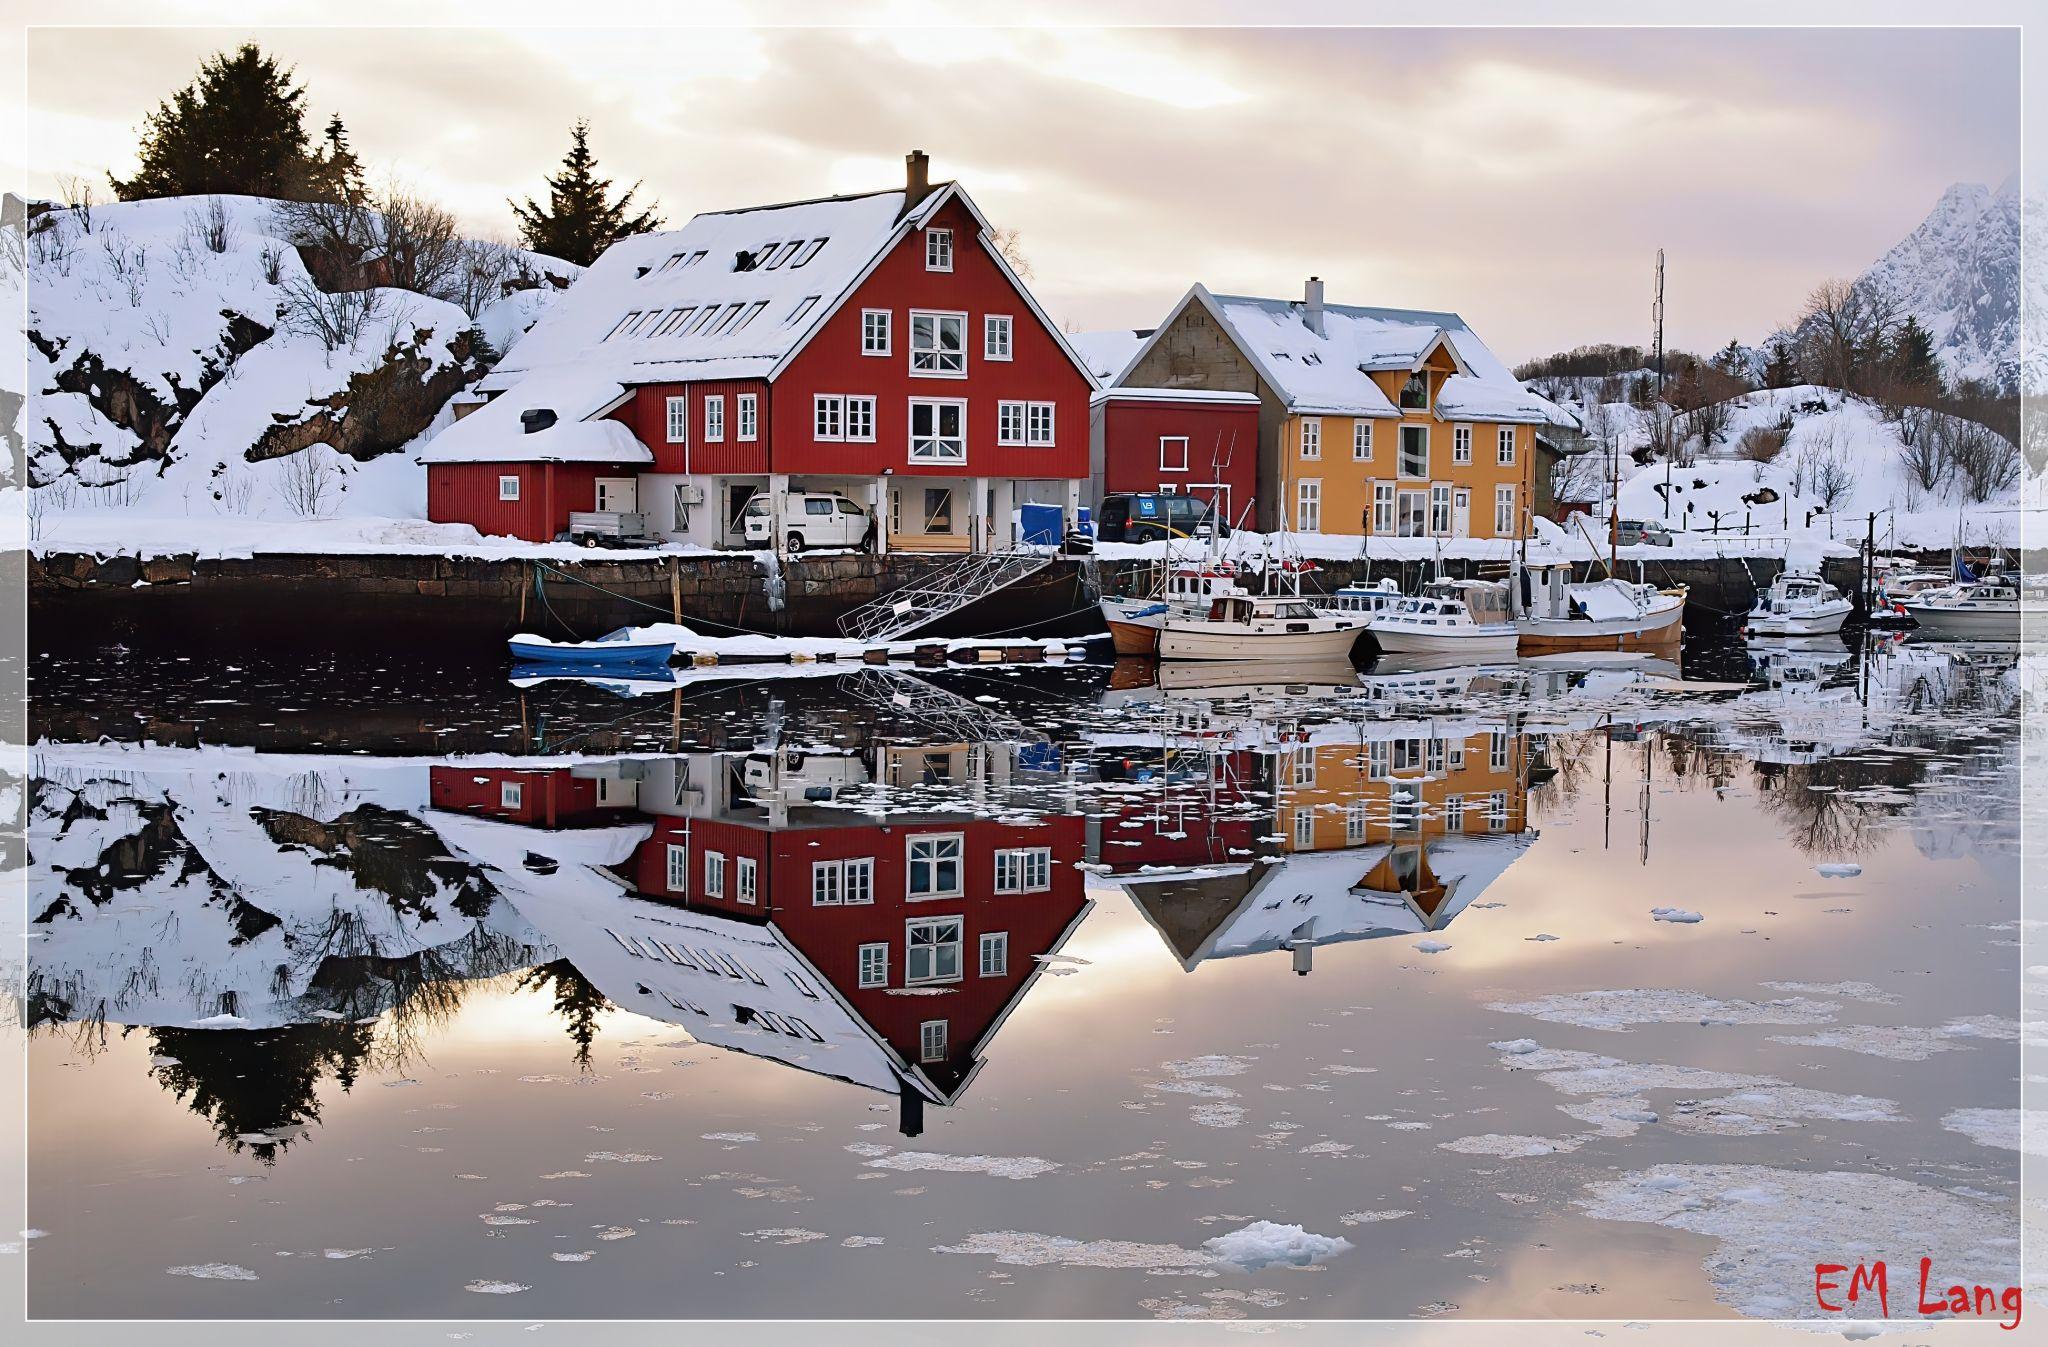 Kabelvag Fishing Village, Norway